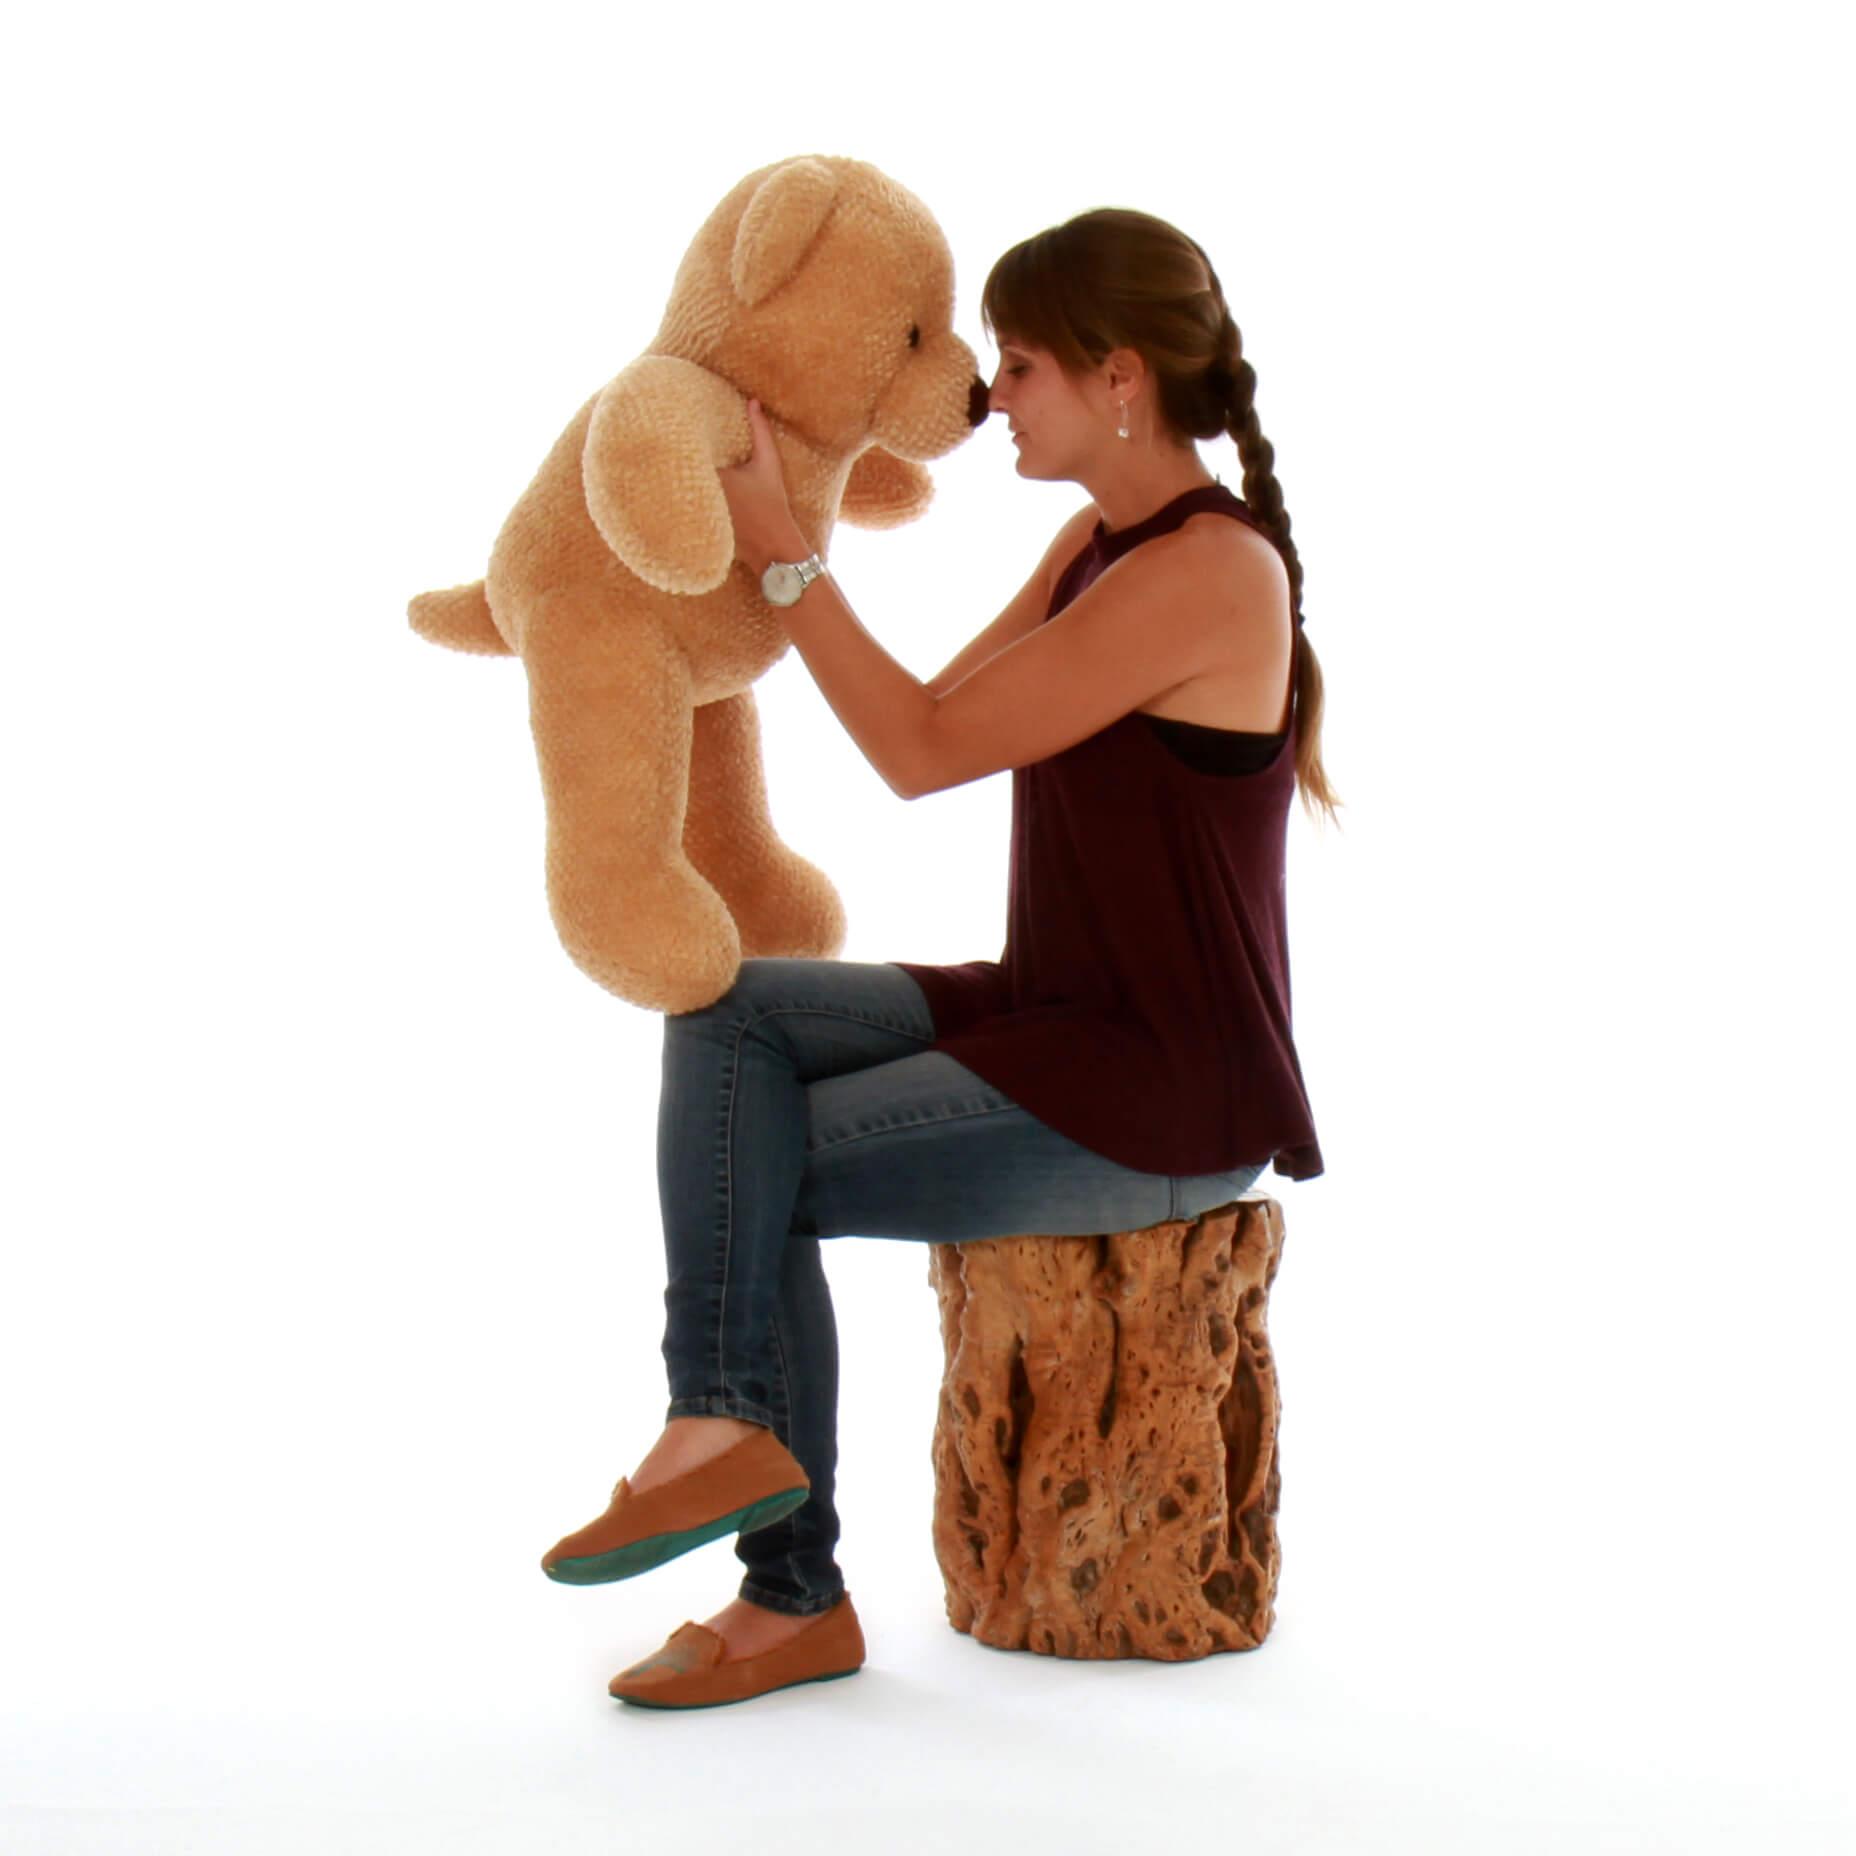 big-amber-teddy-bear-cutie-chubs-30in-1.jpg